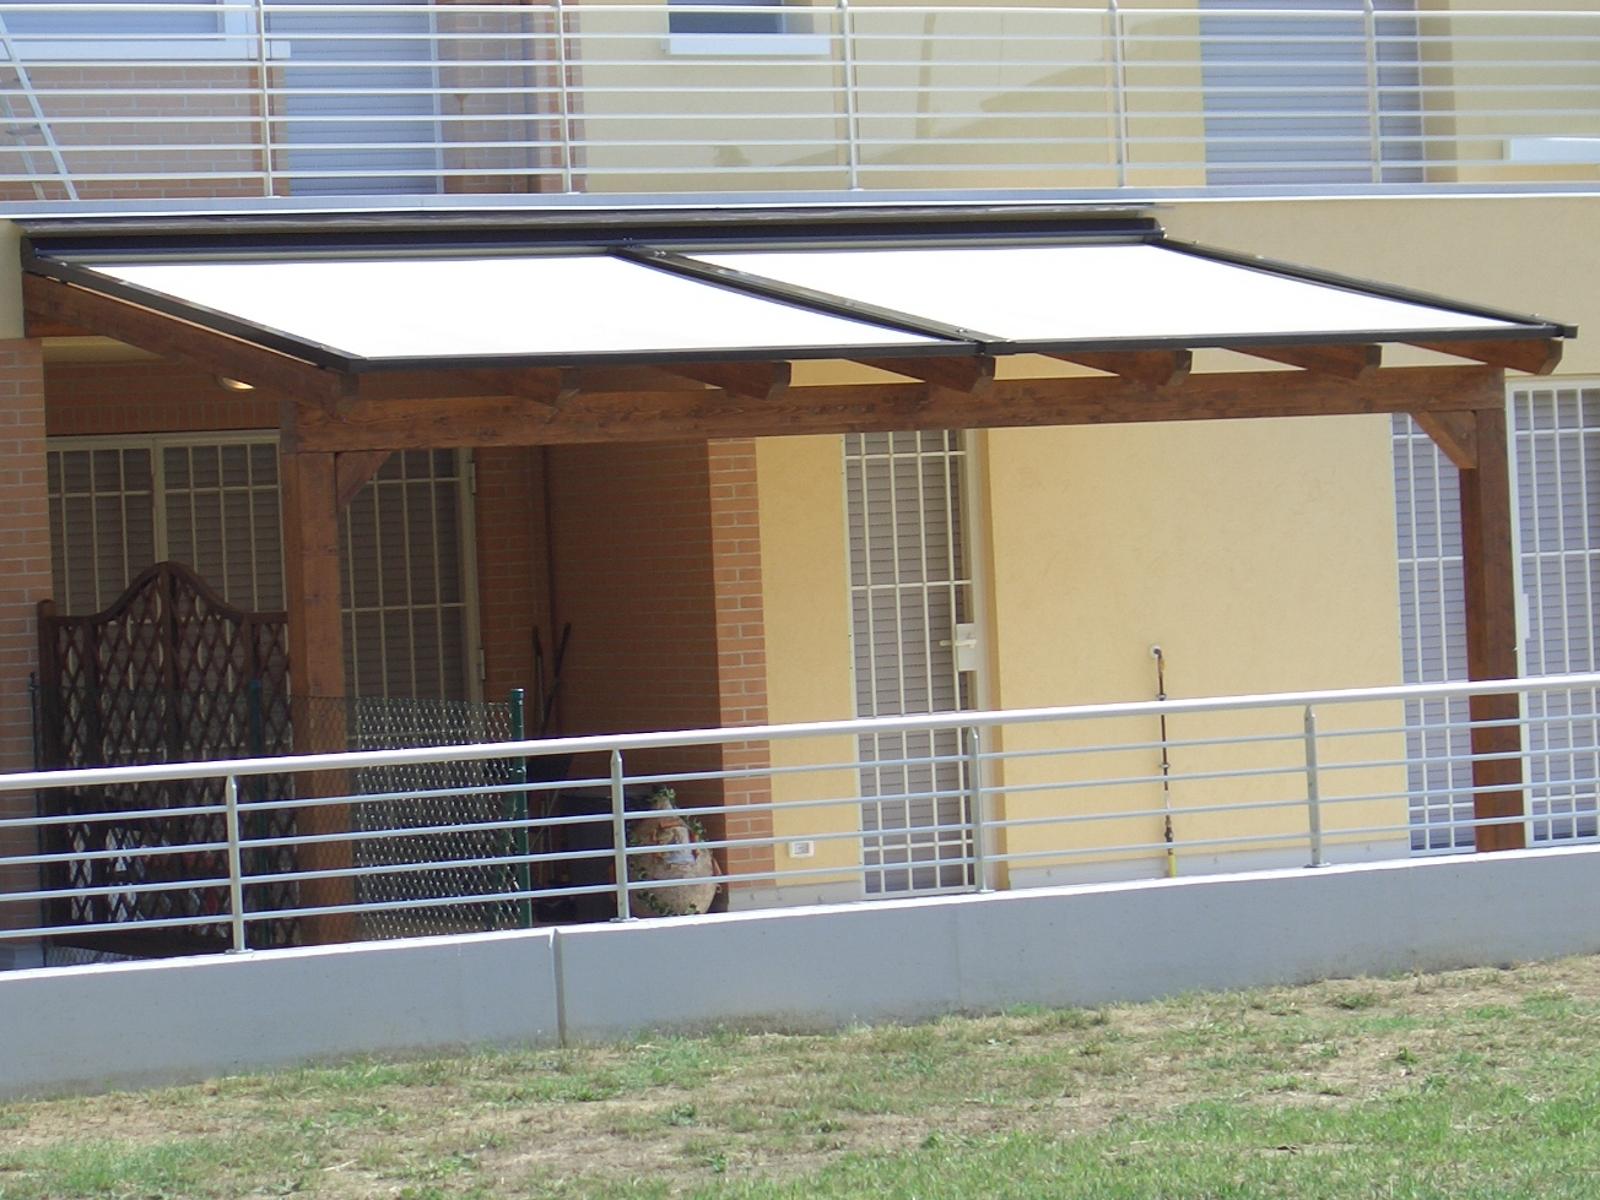 Pergolati Con Tende : Pergolato in legno addossato con tenda linea legno imola